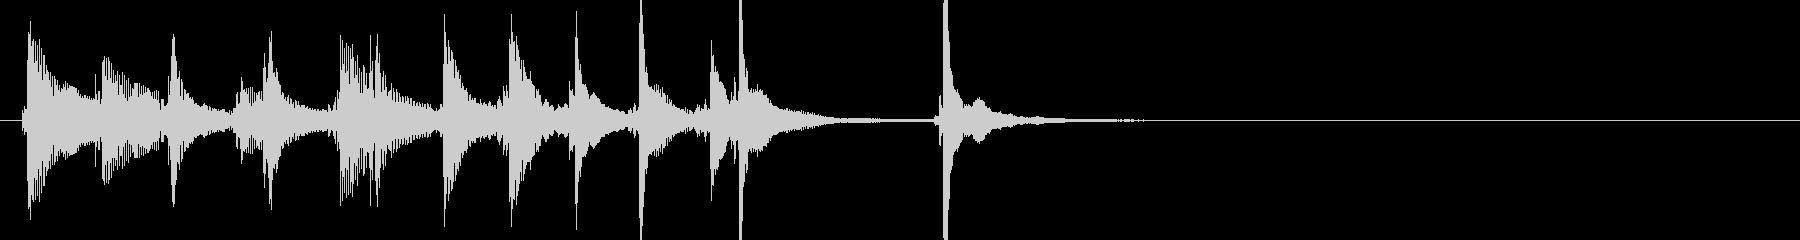 三味線106ロックっぽいリフ生音歌舞伎和の未再生の波形